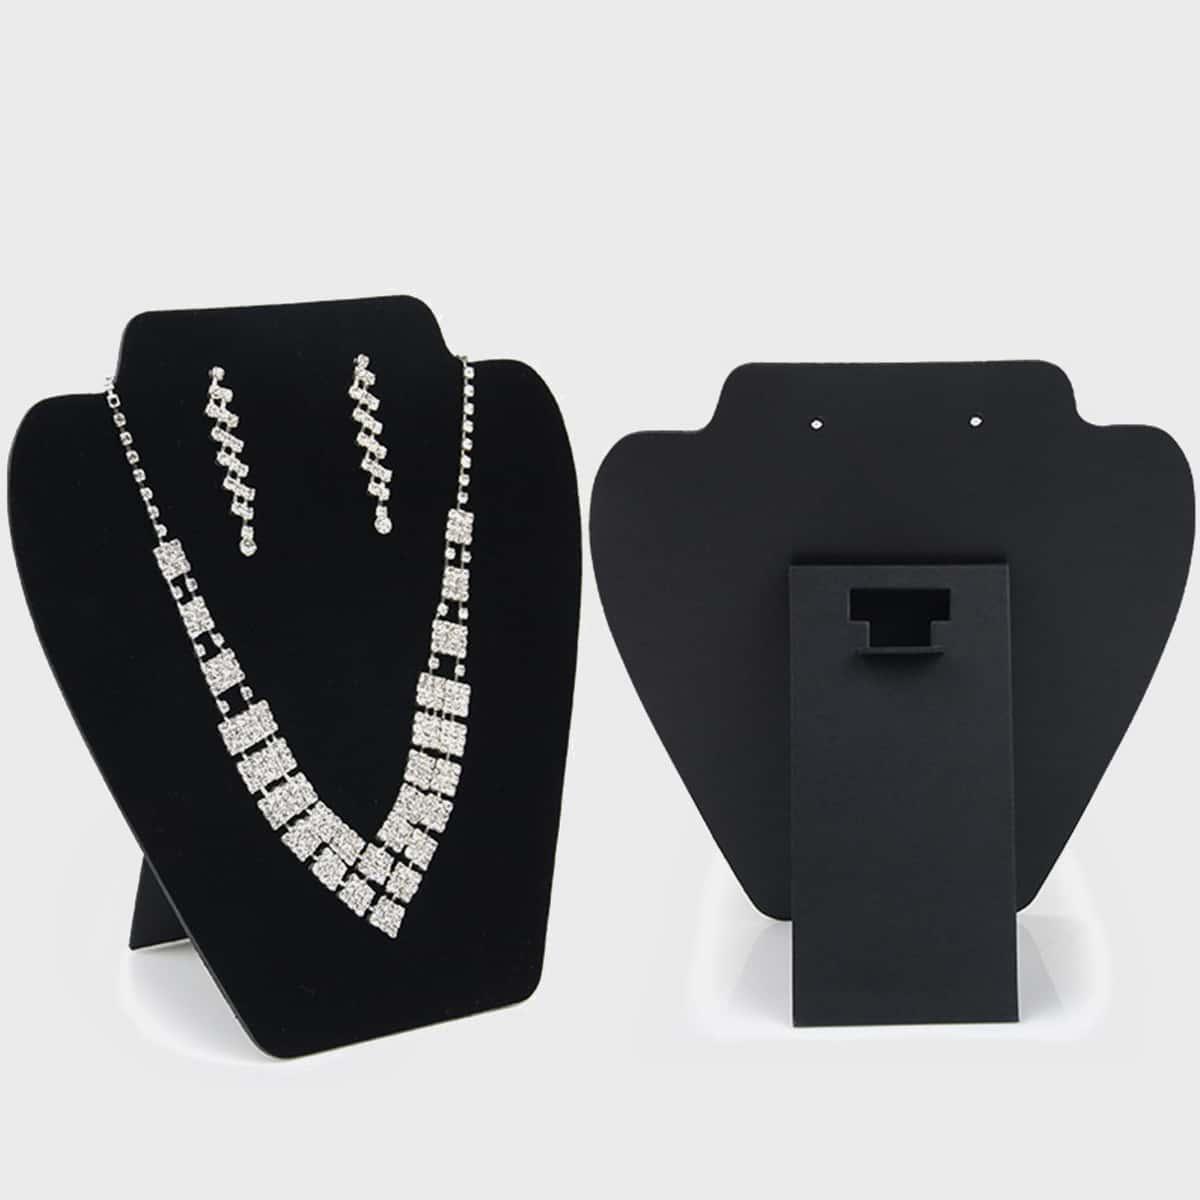 Стеллаж для хранения ожерелья 1шт